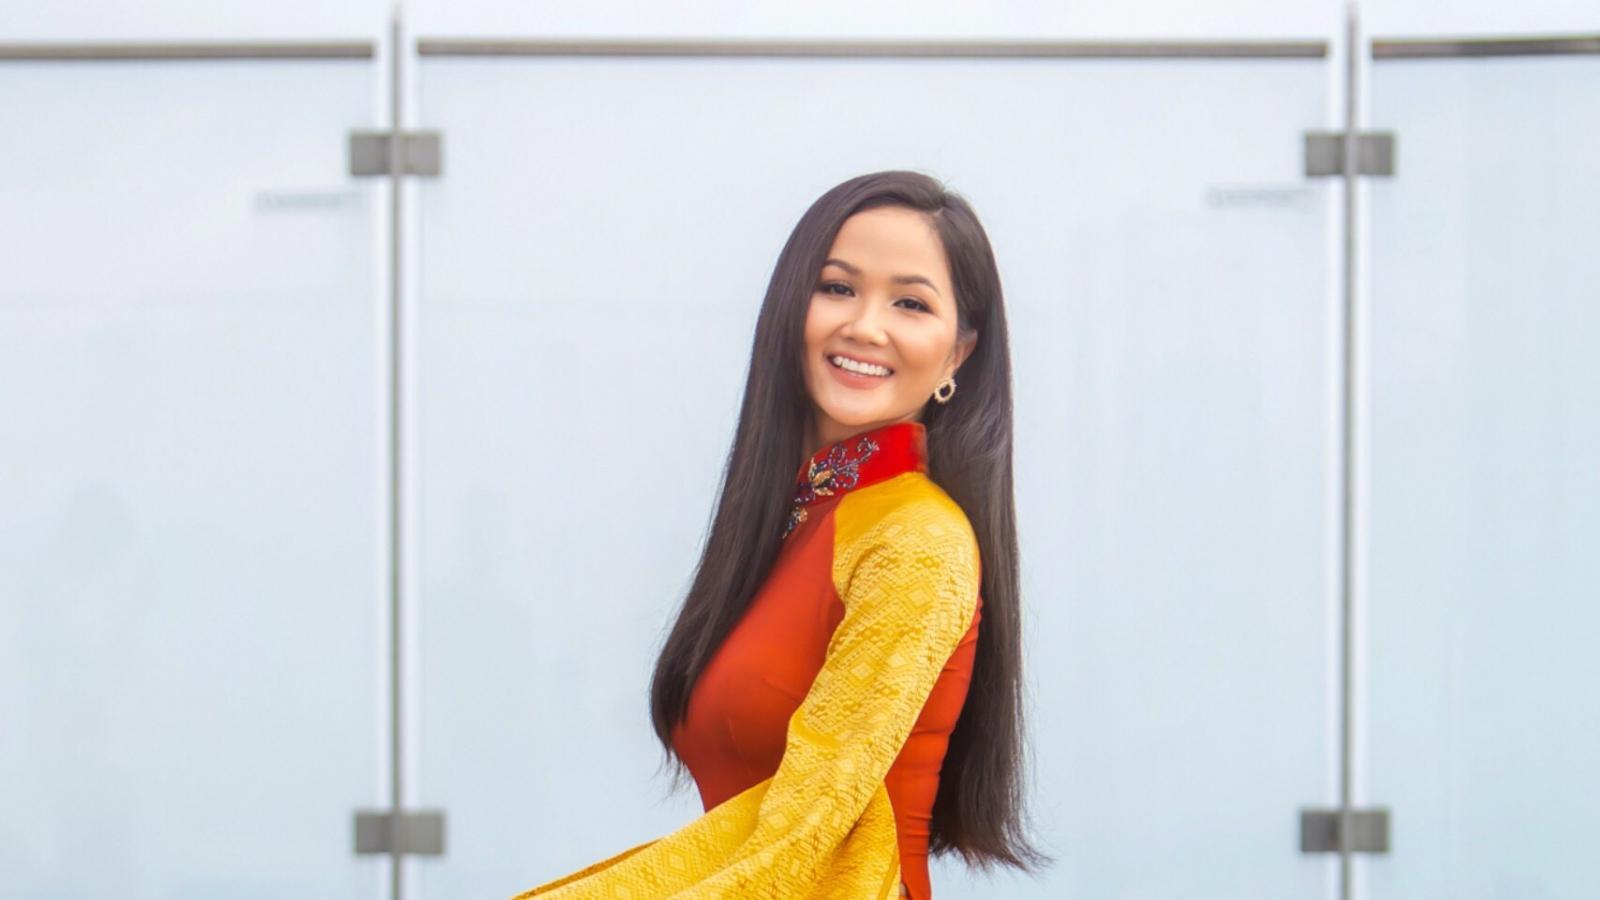 Hoa hậu H'Hen Niê tung bay tà áo dài trên tòa nhà cao nhất Việt Nam